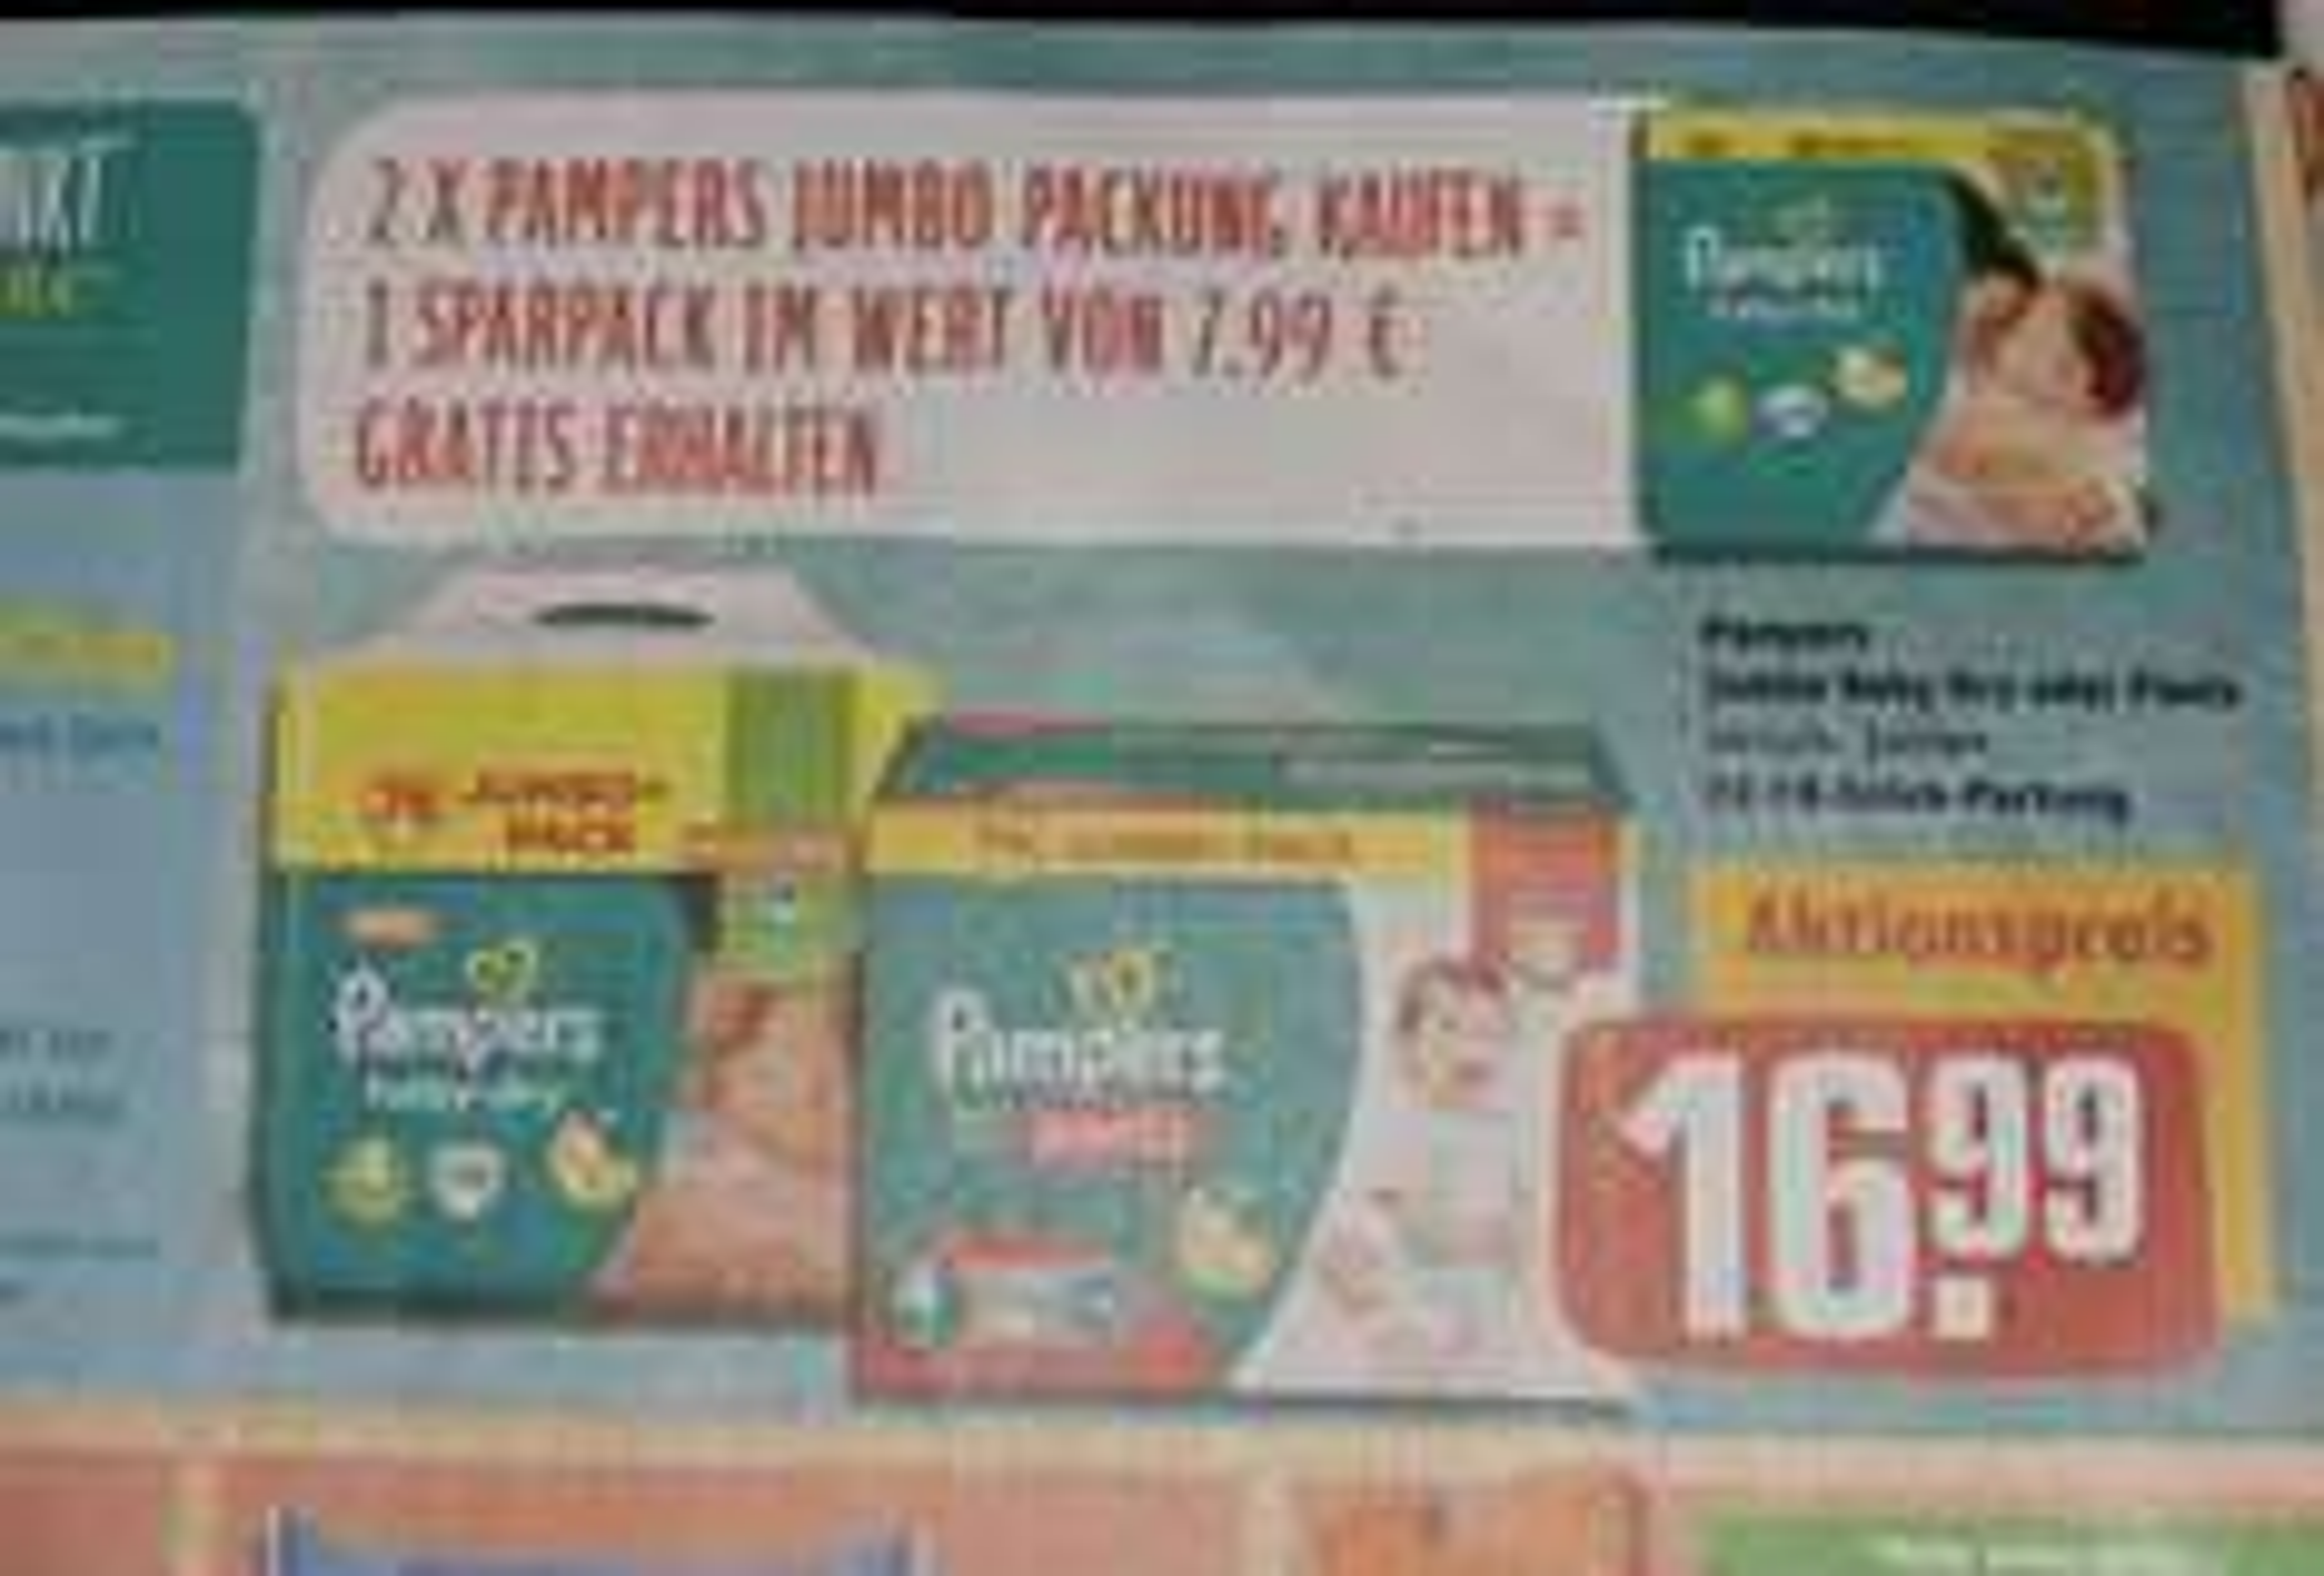 Pampers im Angebot bei Rewe Bsp. Gr.4 - 190 Stück für 33.98 also 16,3 cent pro Windel